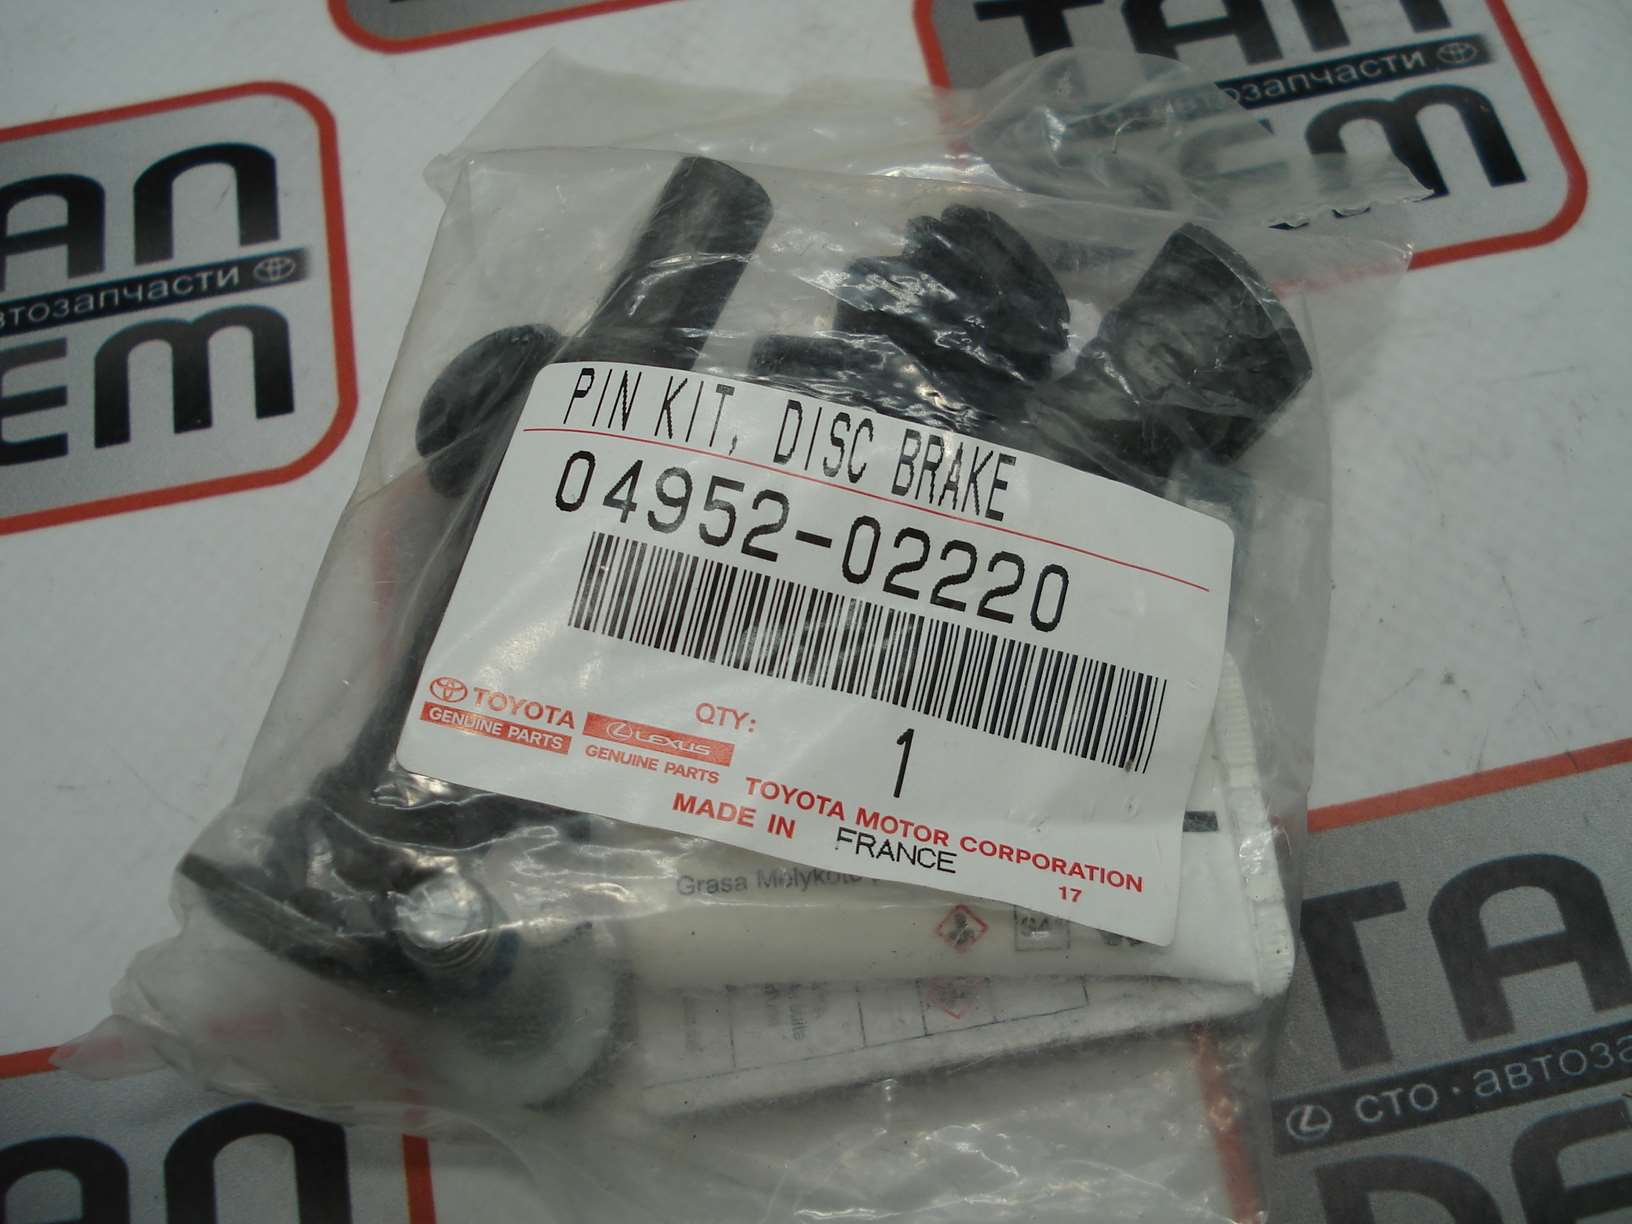 Направляющие суппорта комплект 04952-02220,